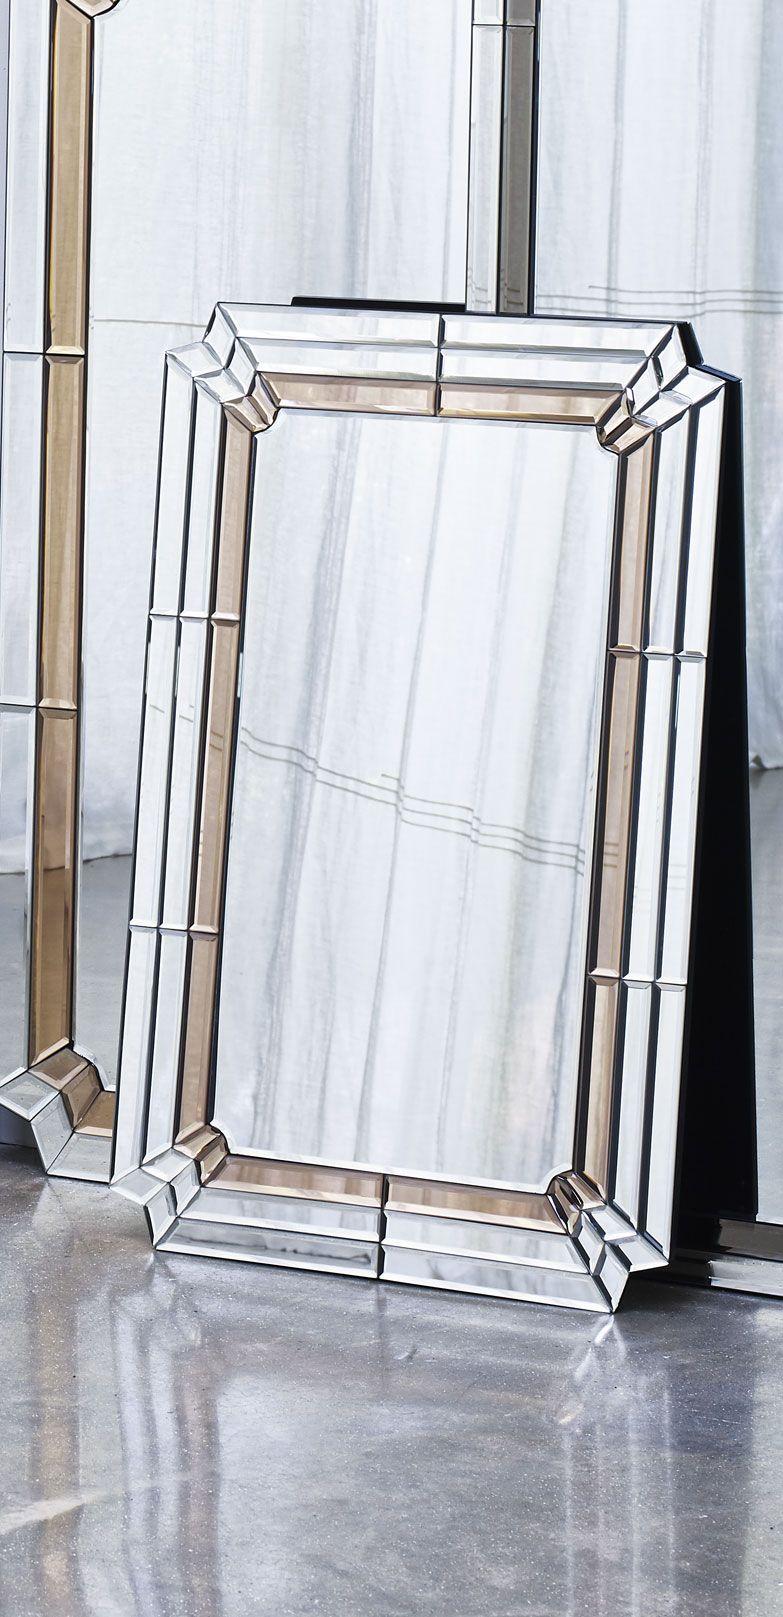 Aurora Pink Glass Wall Mirror Large Art Deco Bedroom Art Deco Bathroom Art Deco Interior Design [ 1617 x 783 Pixel ]